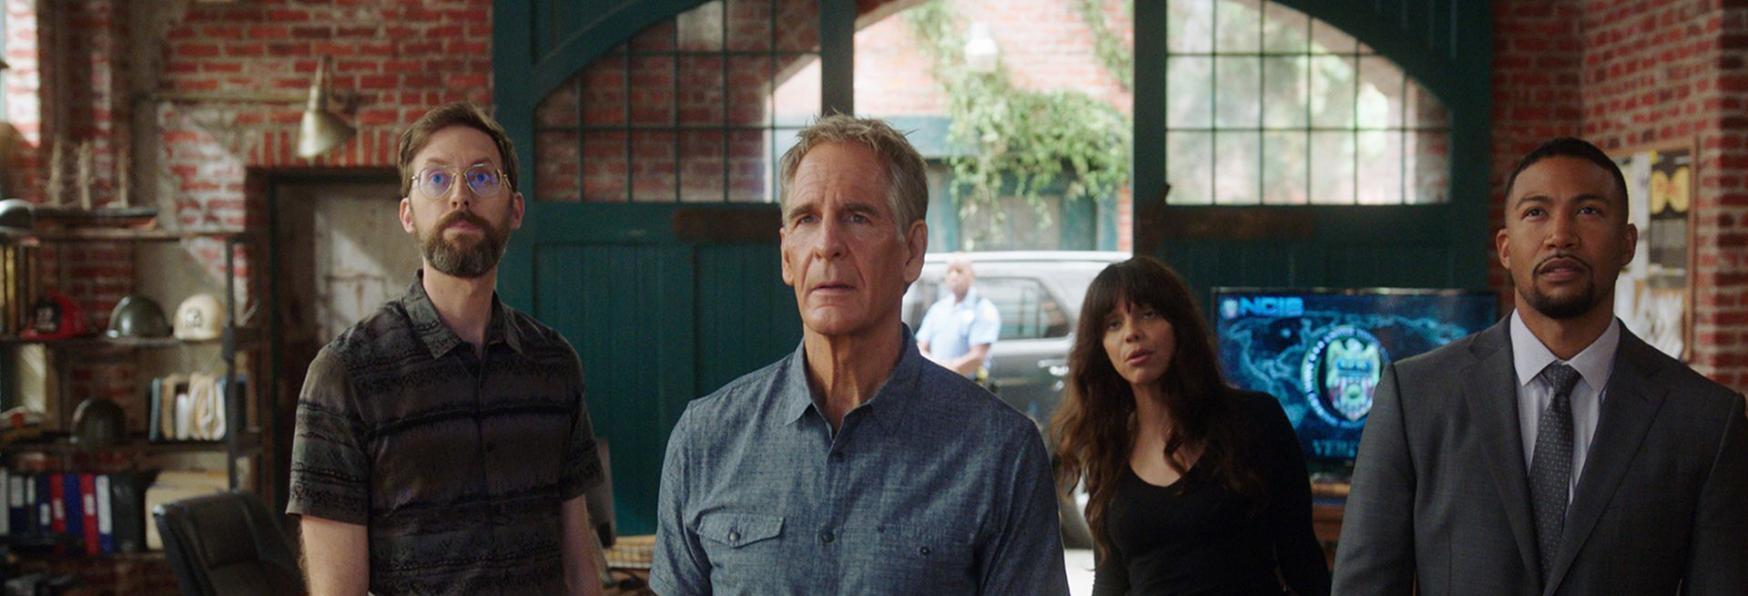 NCIS: New Orleans - la Serie TV si Concluderà con la 7° Stagione